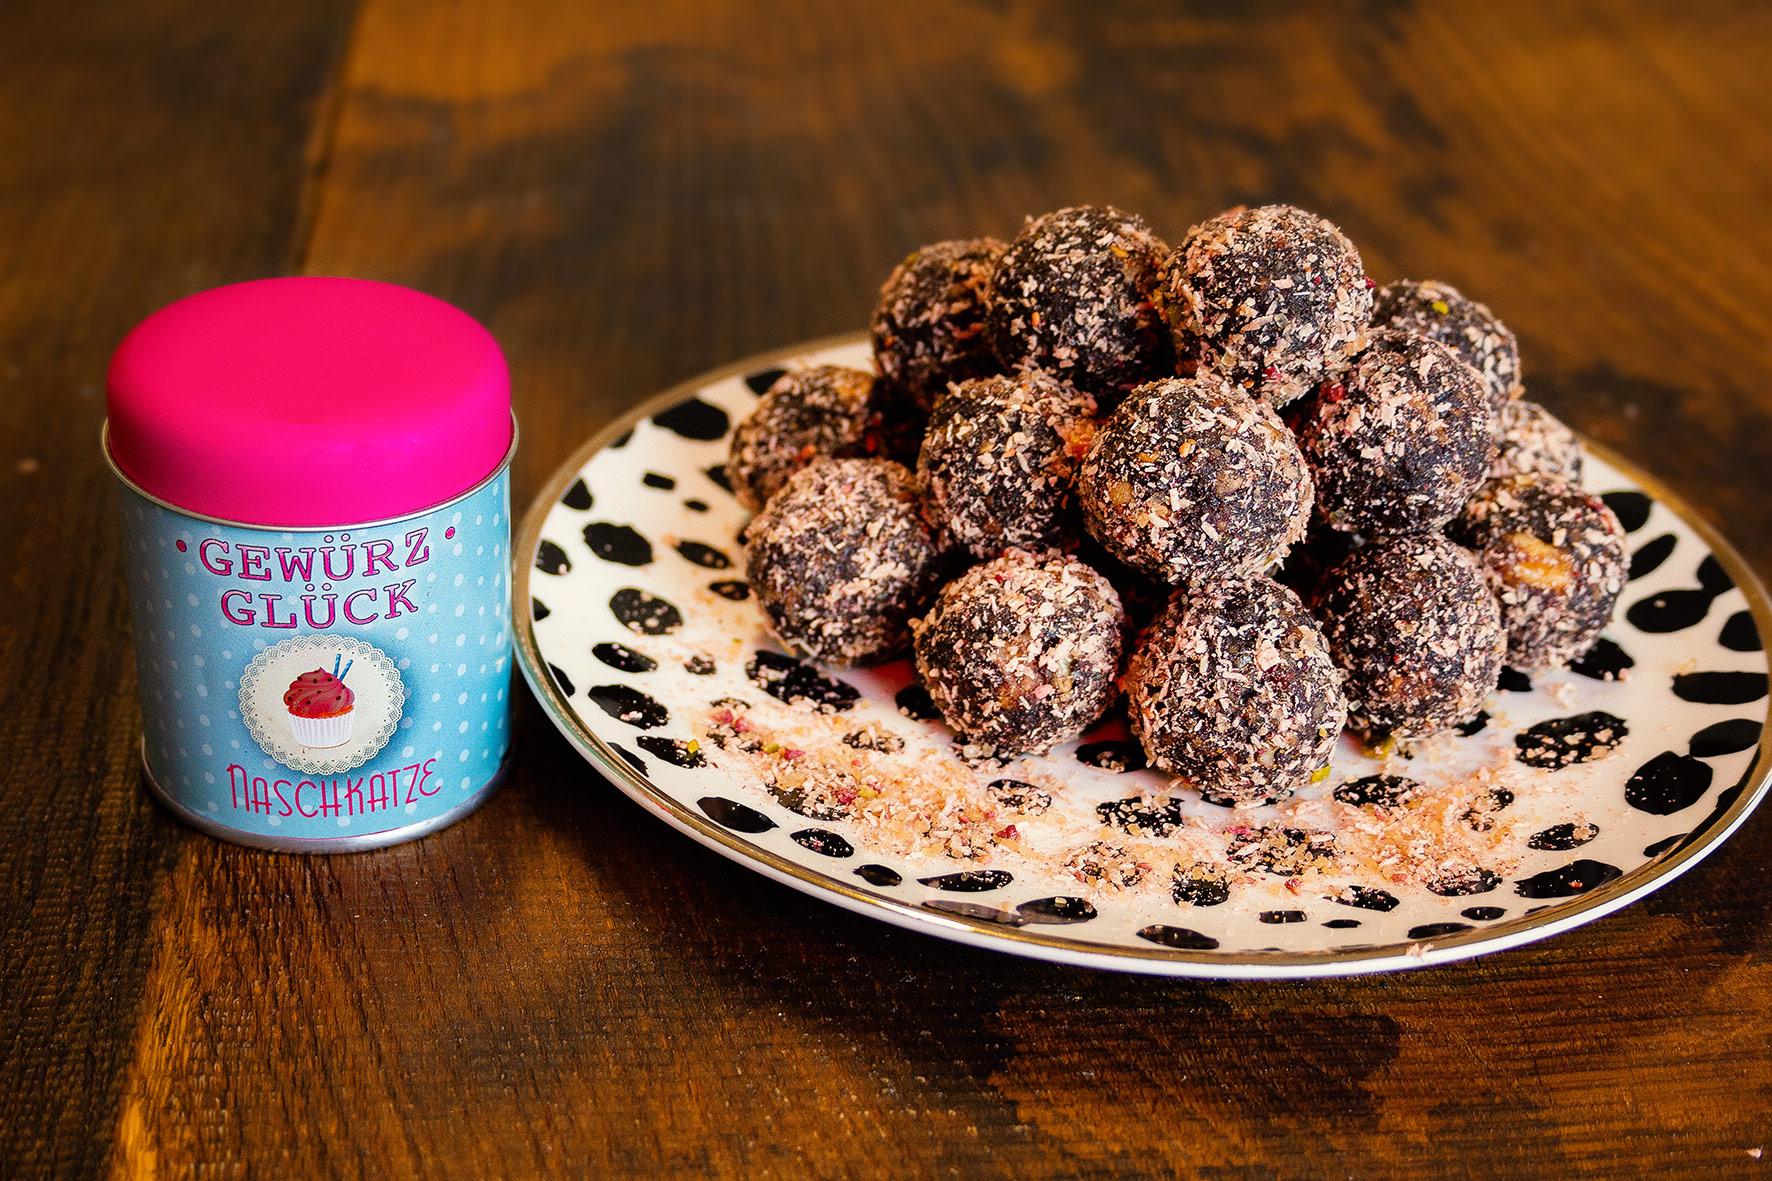 Energy Balls mit  Naschkatze : GEWÜRZGLÜCK  NASCHKATZE , Datteln, Walnusskerne, Haselnüsse, Kakao > das genaue Rezept finden Sie bei uns im GEWÜRZGLÜCK-Flyer